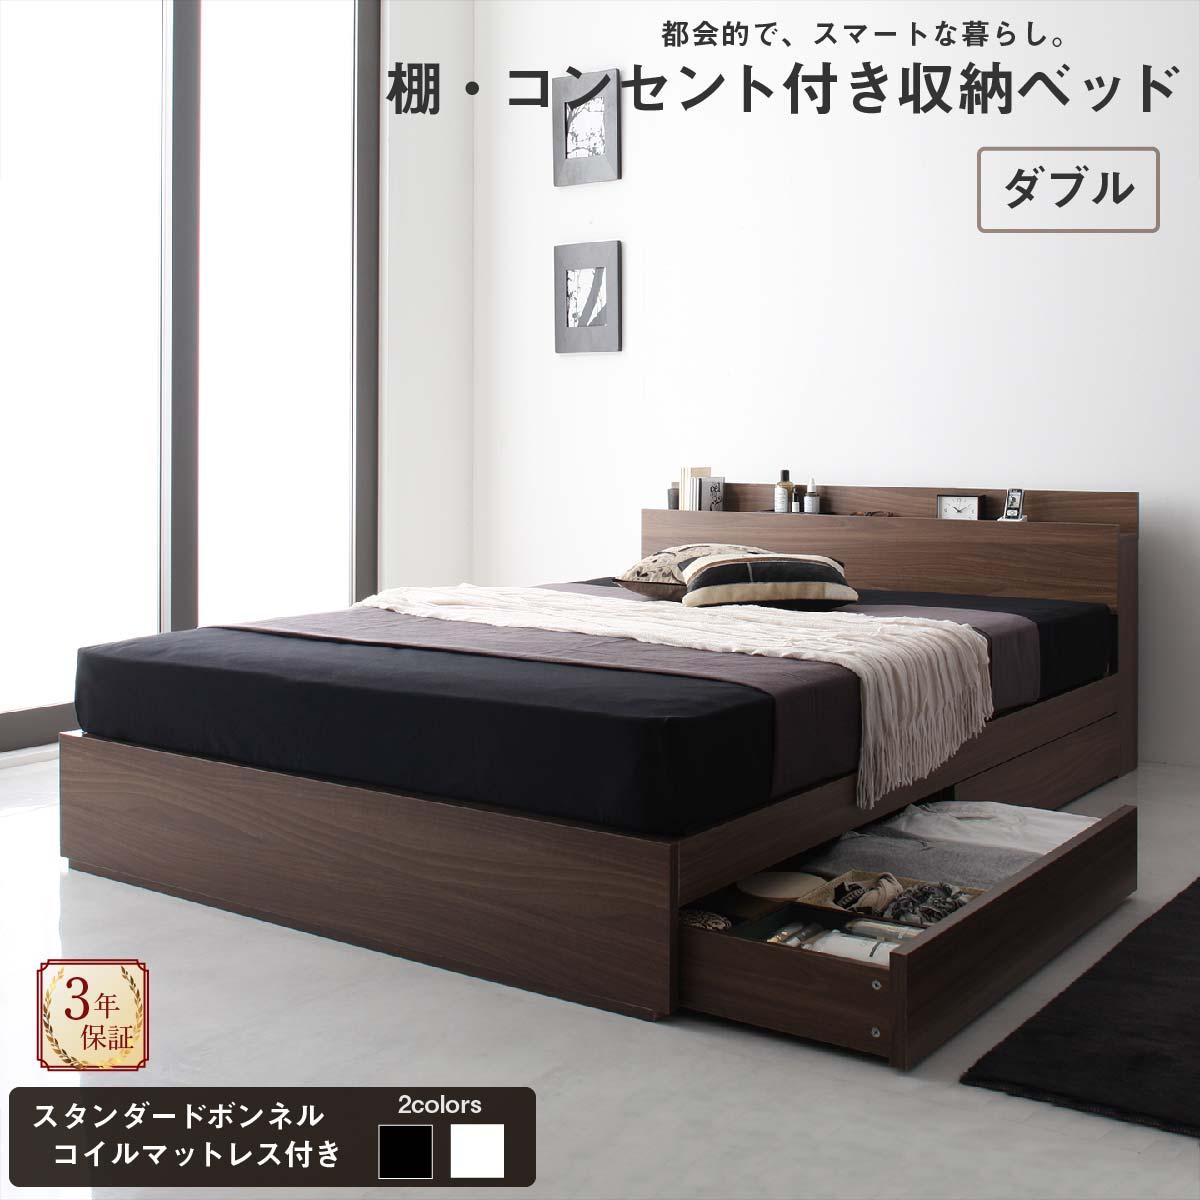 【送料無料】 ベッド 収納 ダブル 収納付き マットレス付き 木製 コンセント付き 引き出し付き ウォールナット ウォルナットブラウン 人気